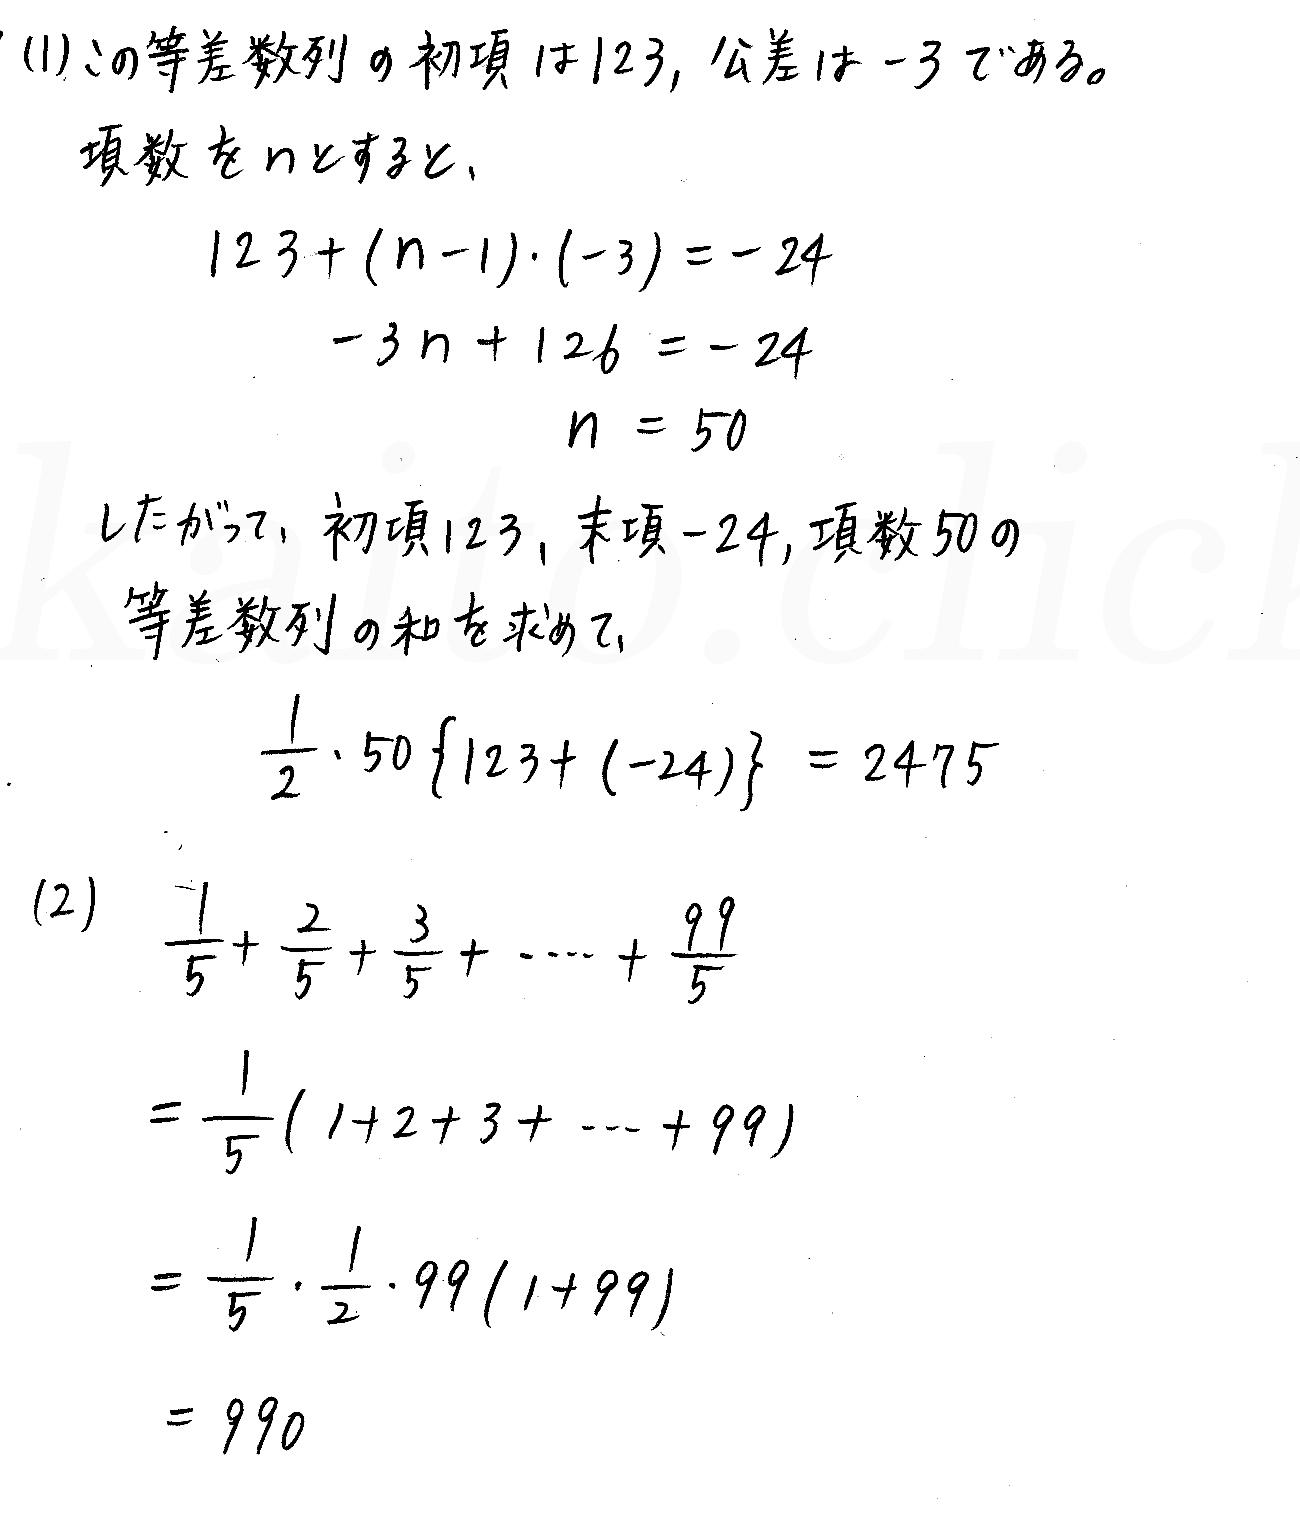 クリアー数学B-169解答